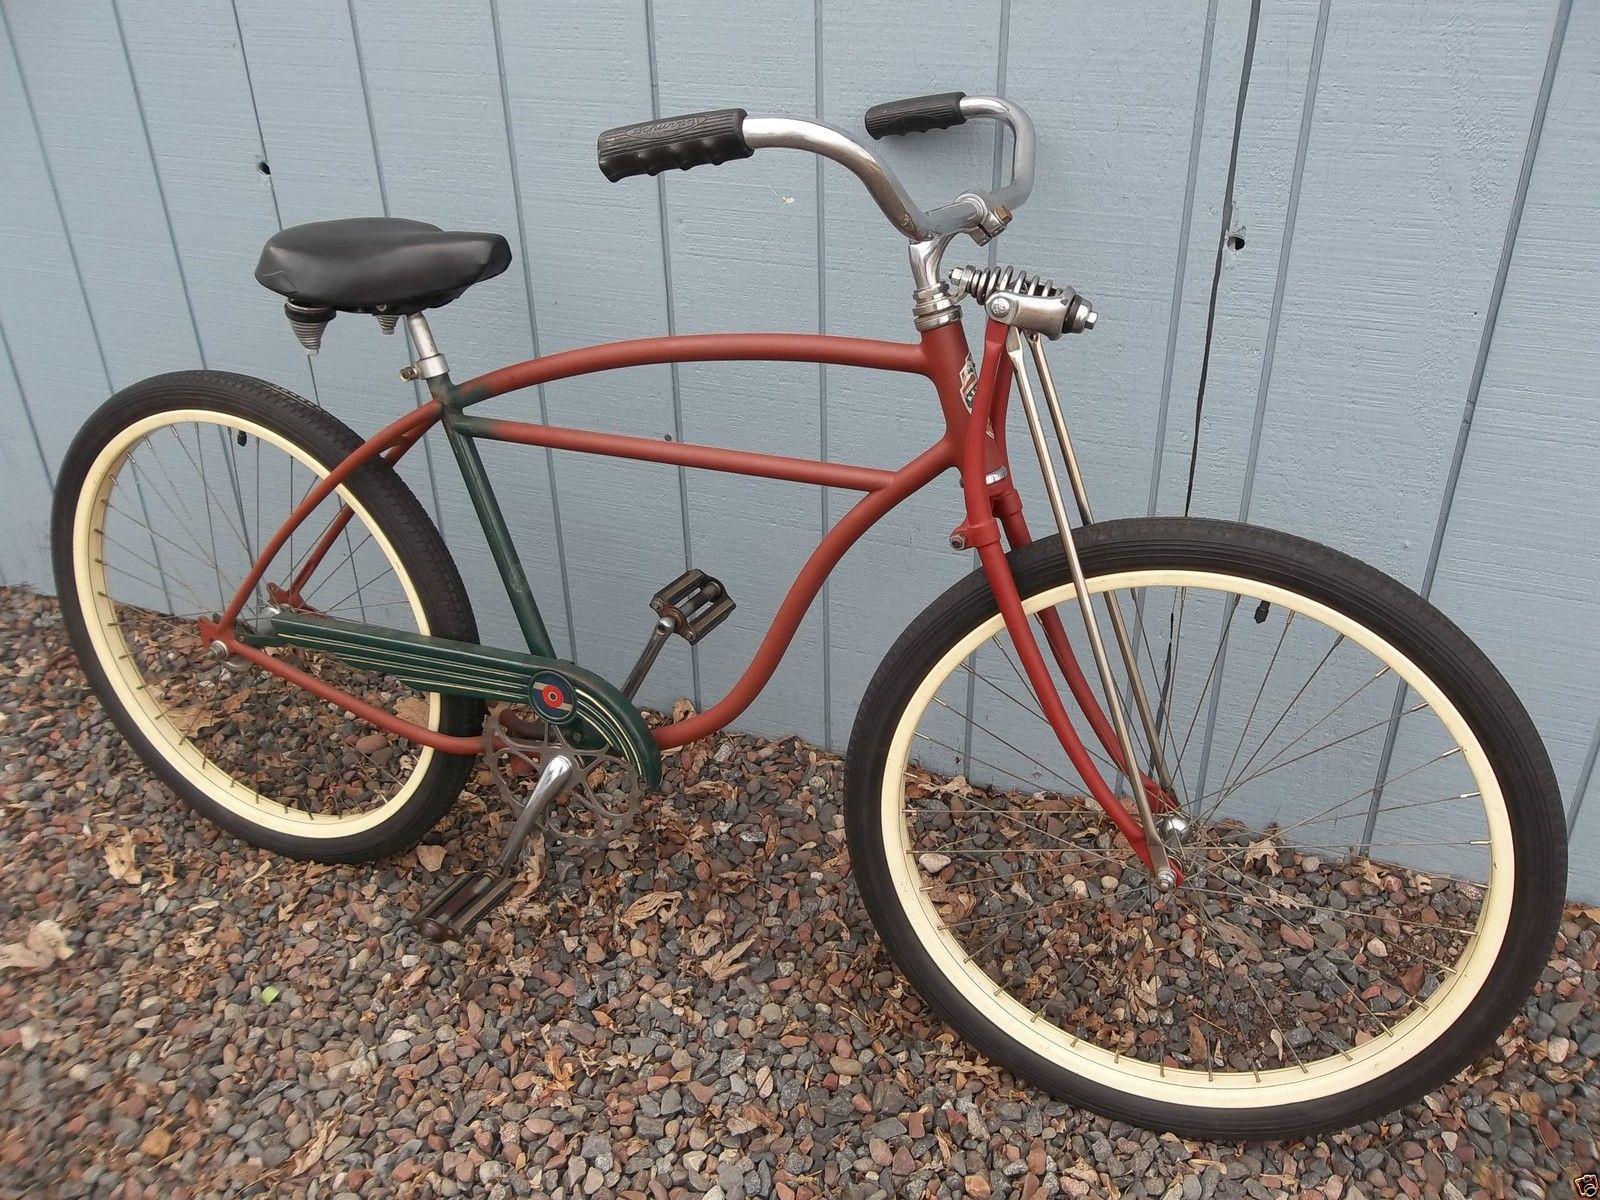 1950 Schwinn Project Bike 26 S 2 Wheels Springer Fork Straight